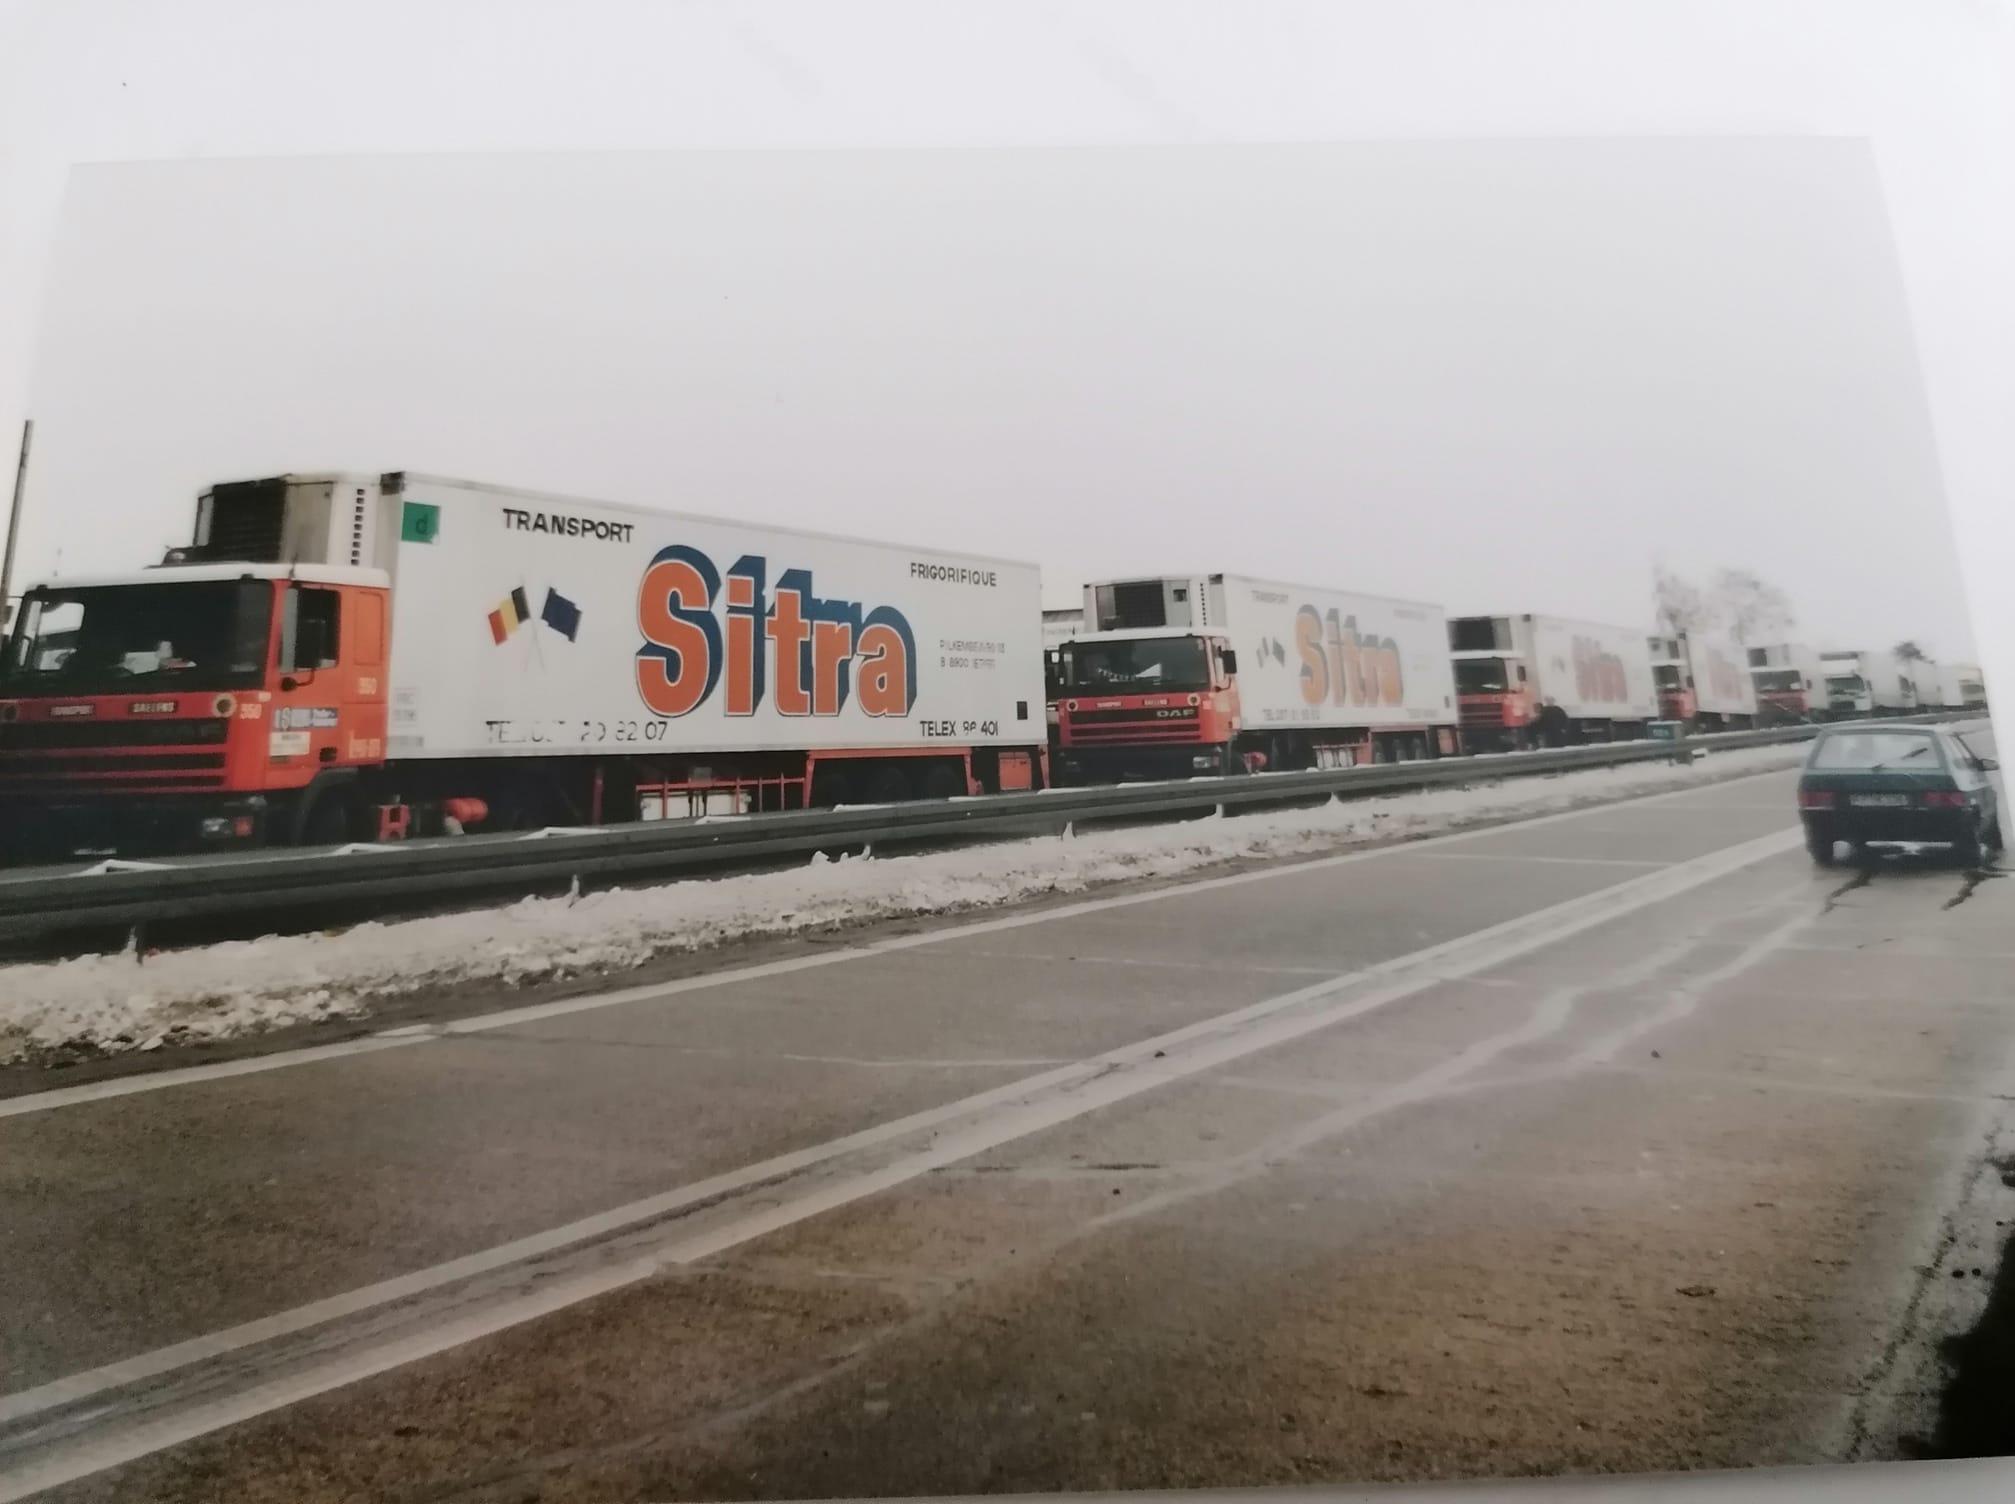 Hans-Werner-De-sitra-train-wachtend-aan-de-grens-met-Belle-Rus-om-door-te-rijden-grenscontrolle---